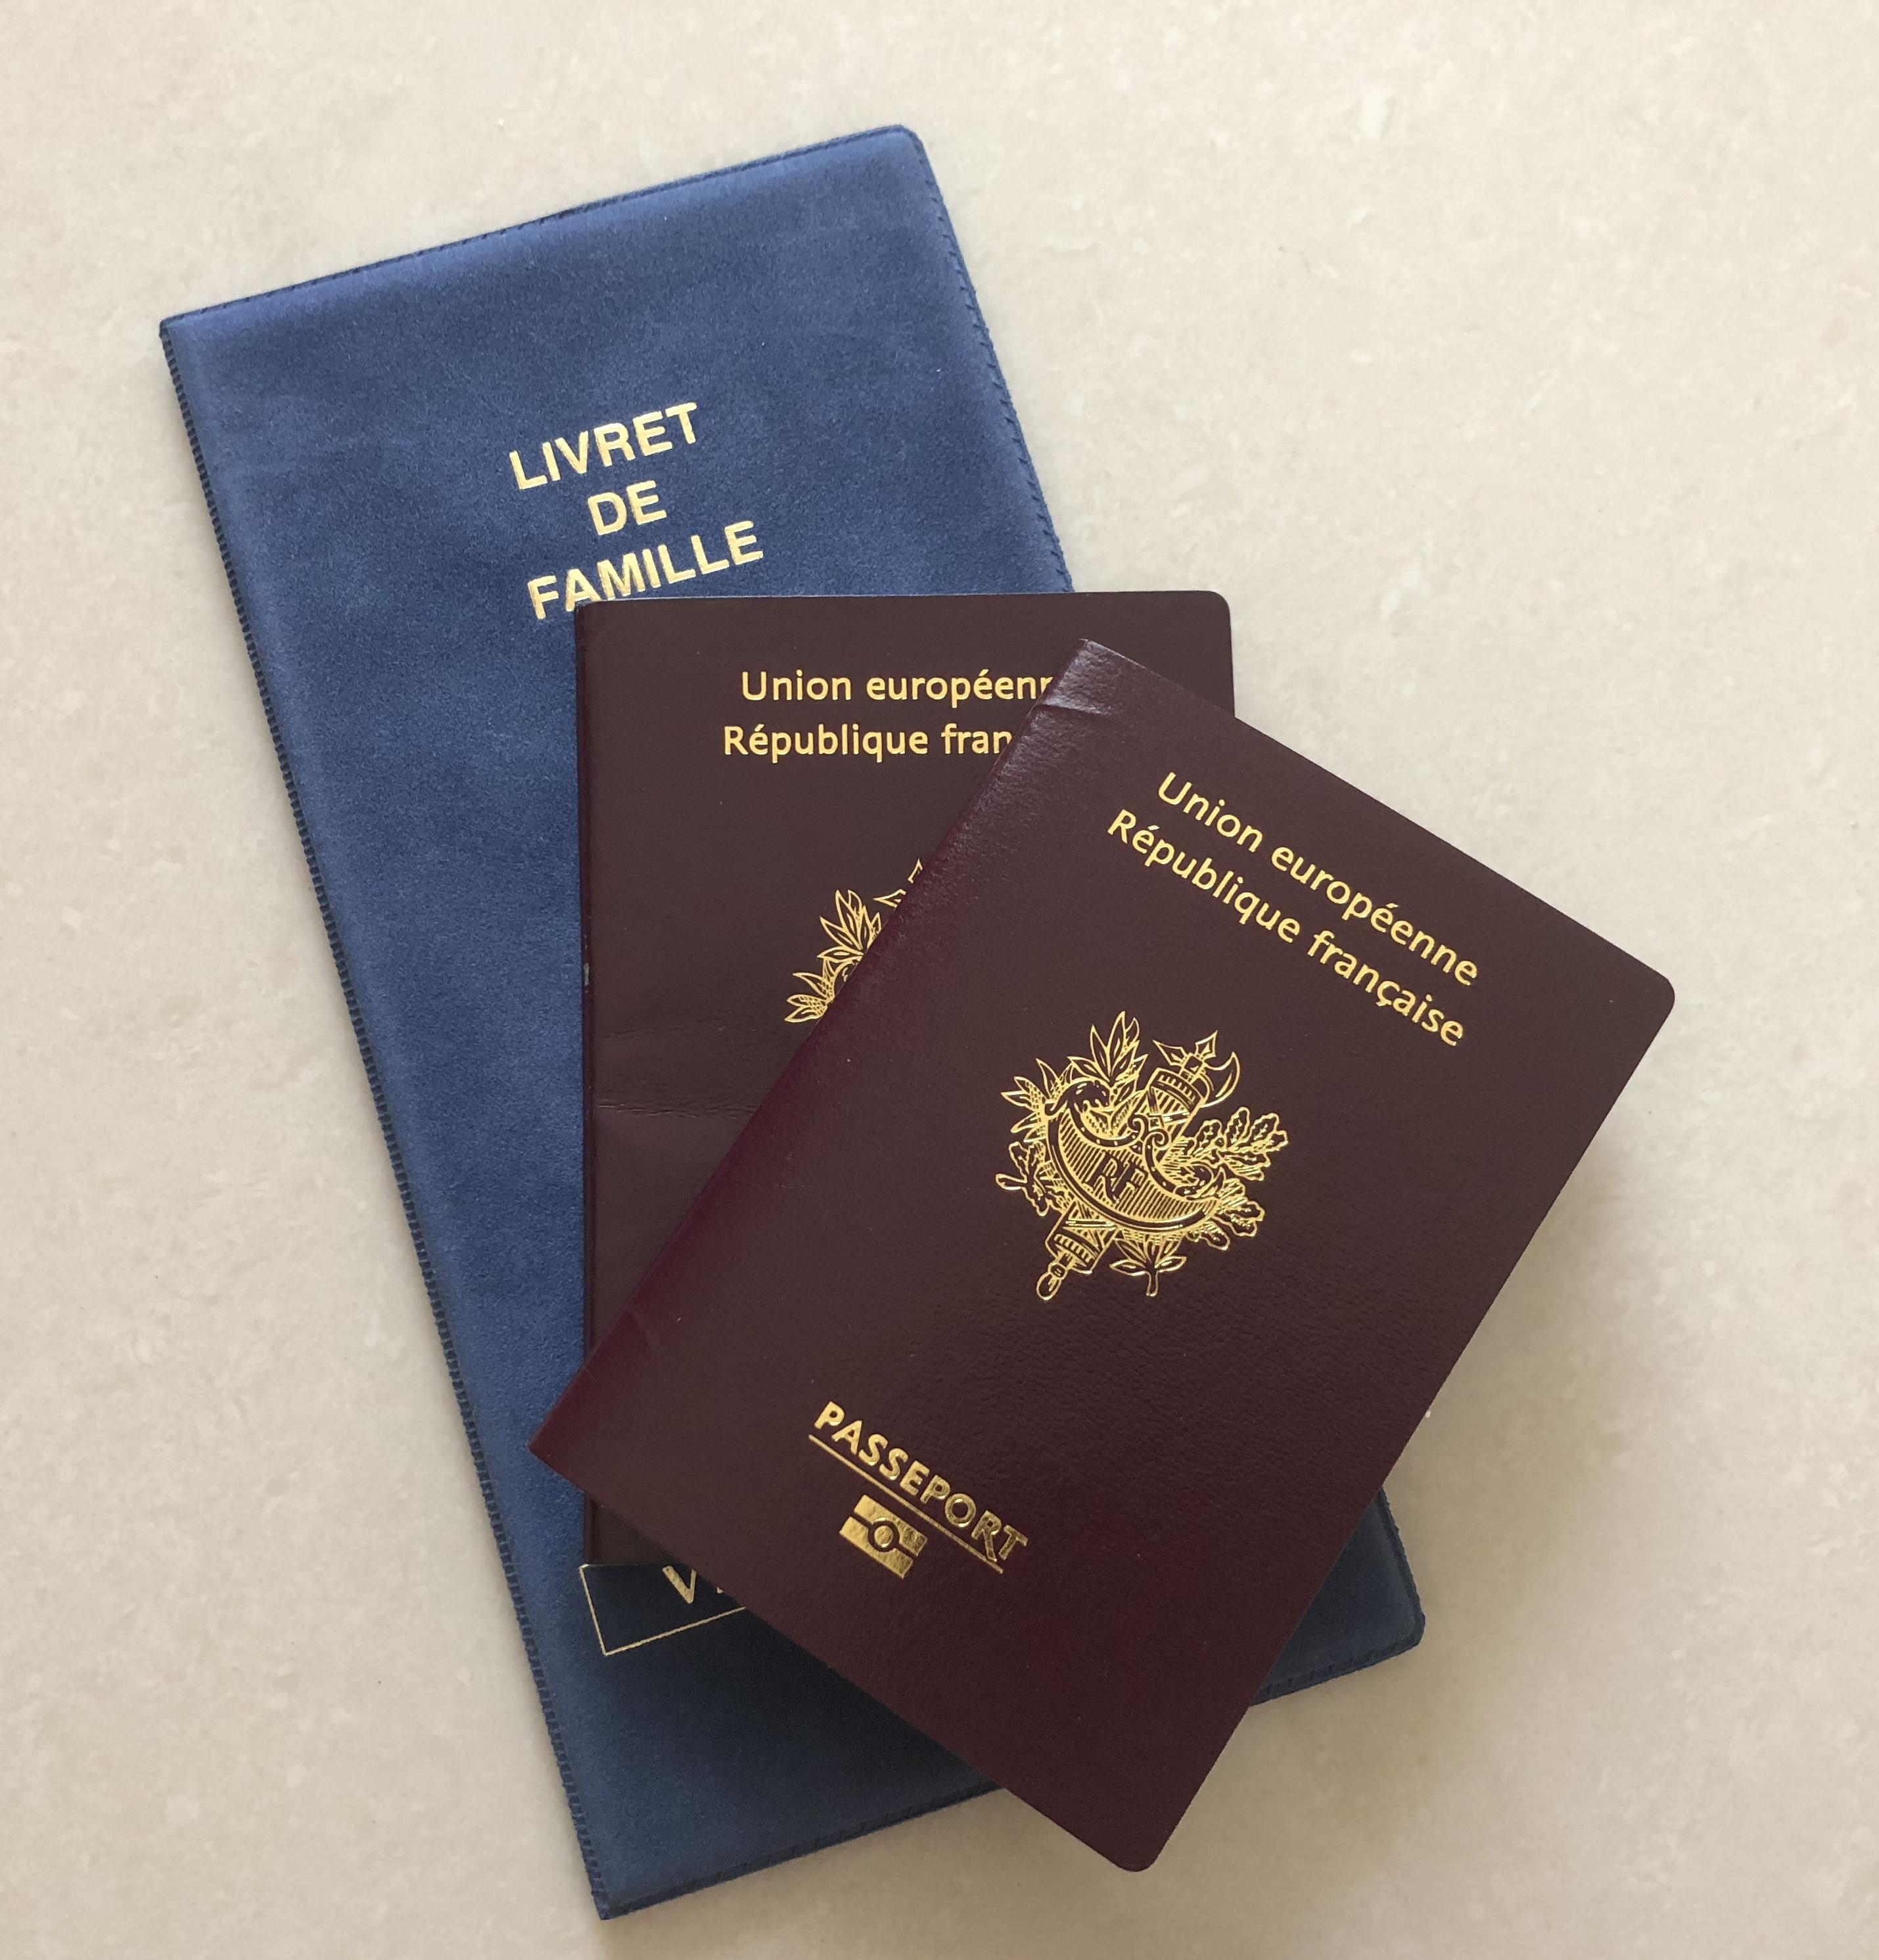 Passeport et livret de famille.jpg